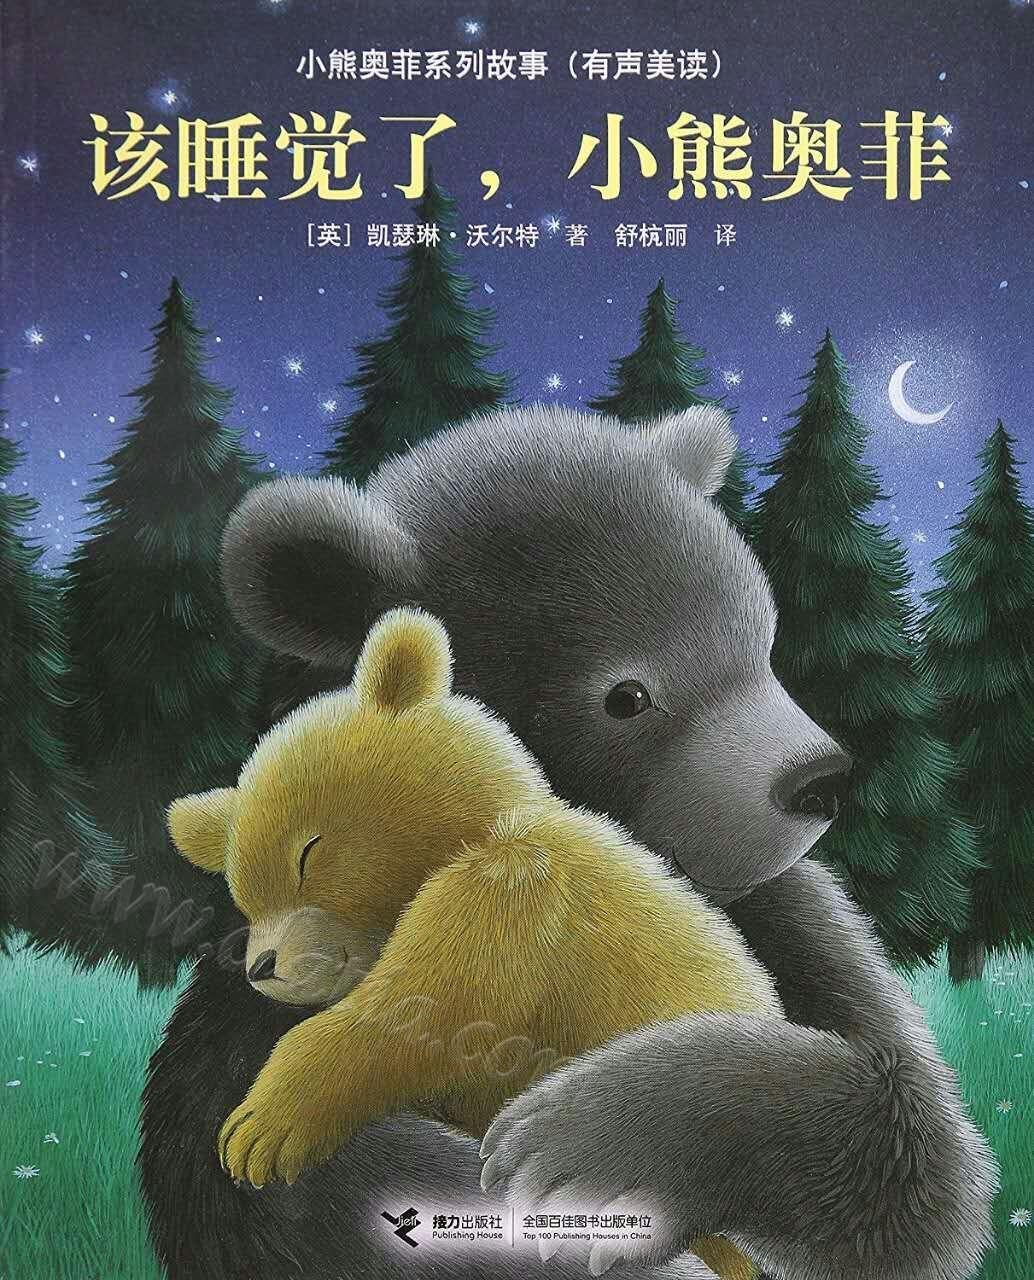 该睡觉了,小熊奥菲